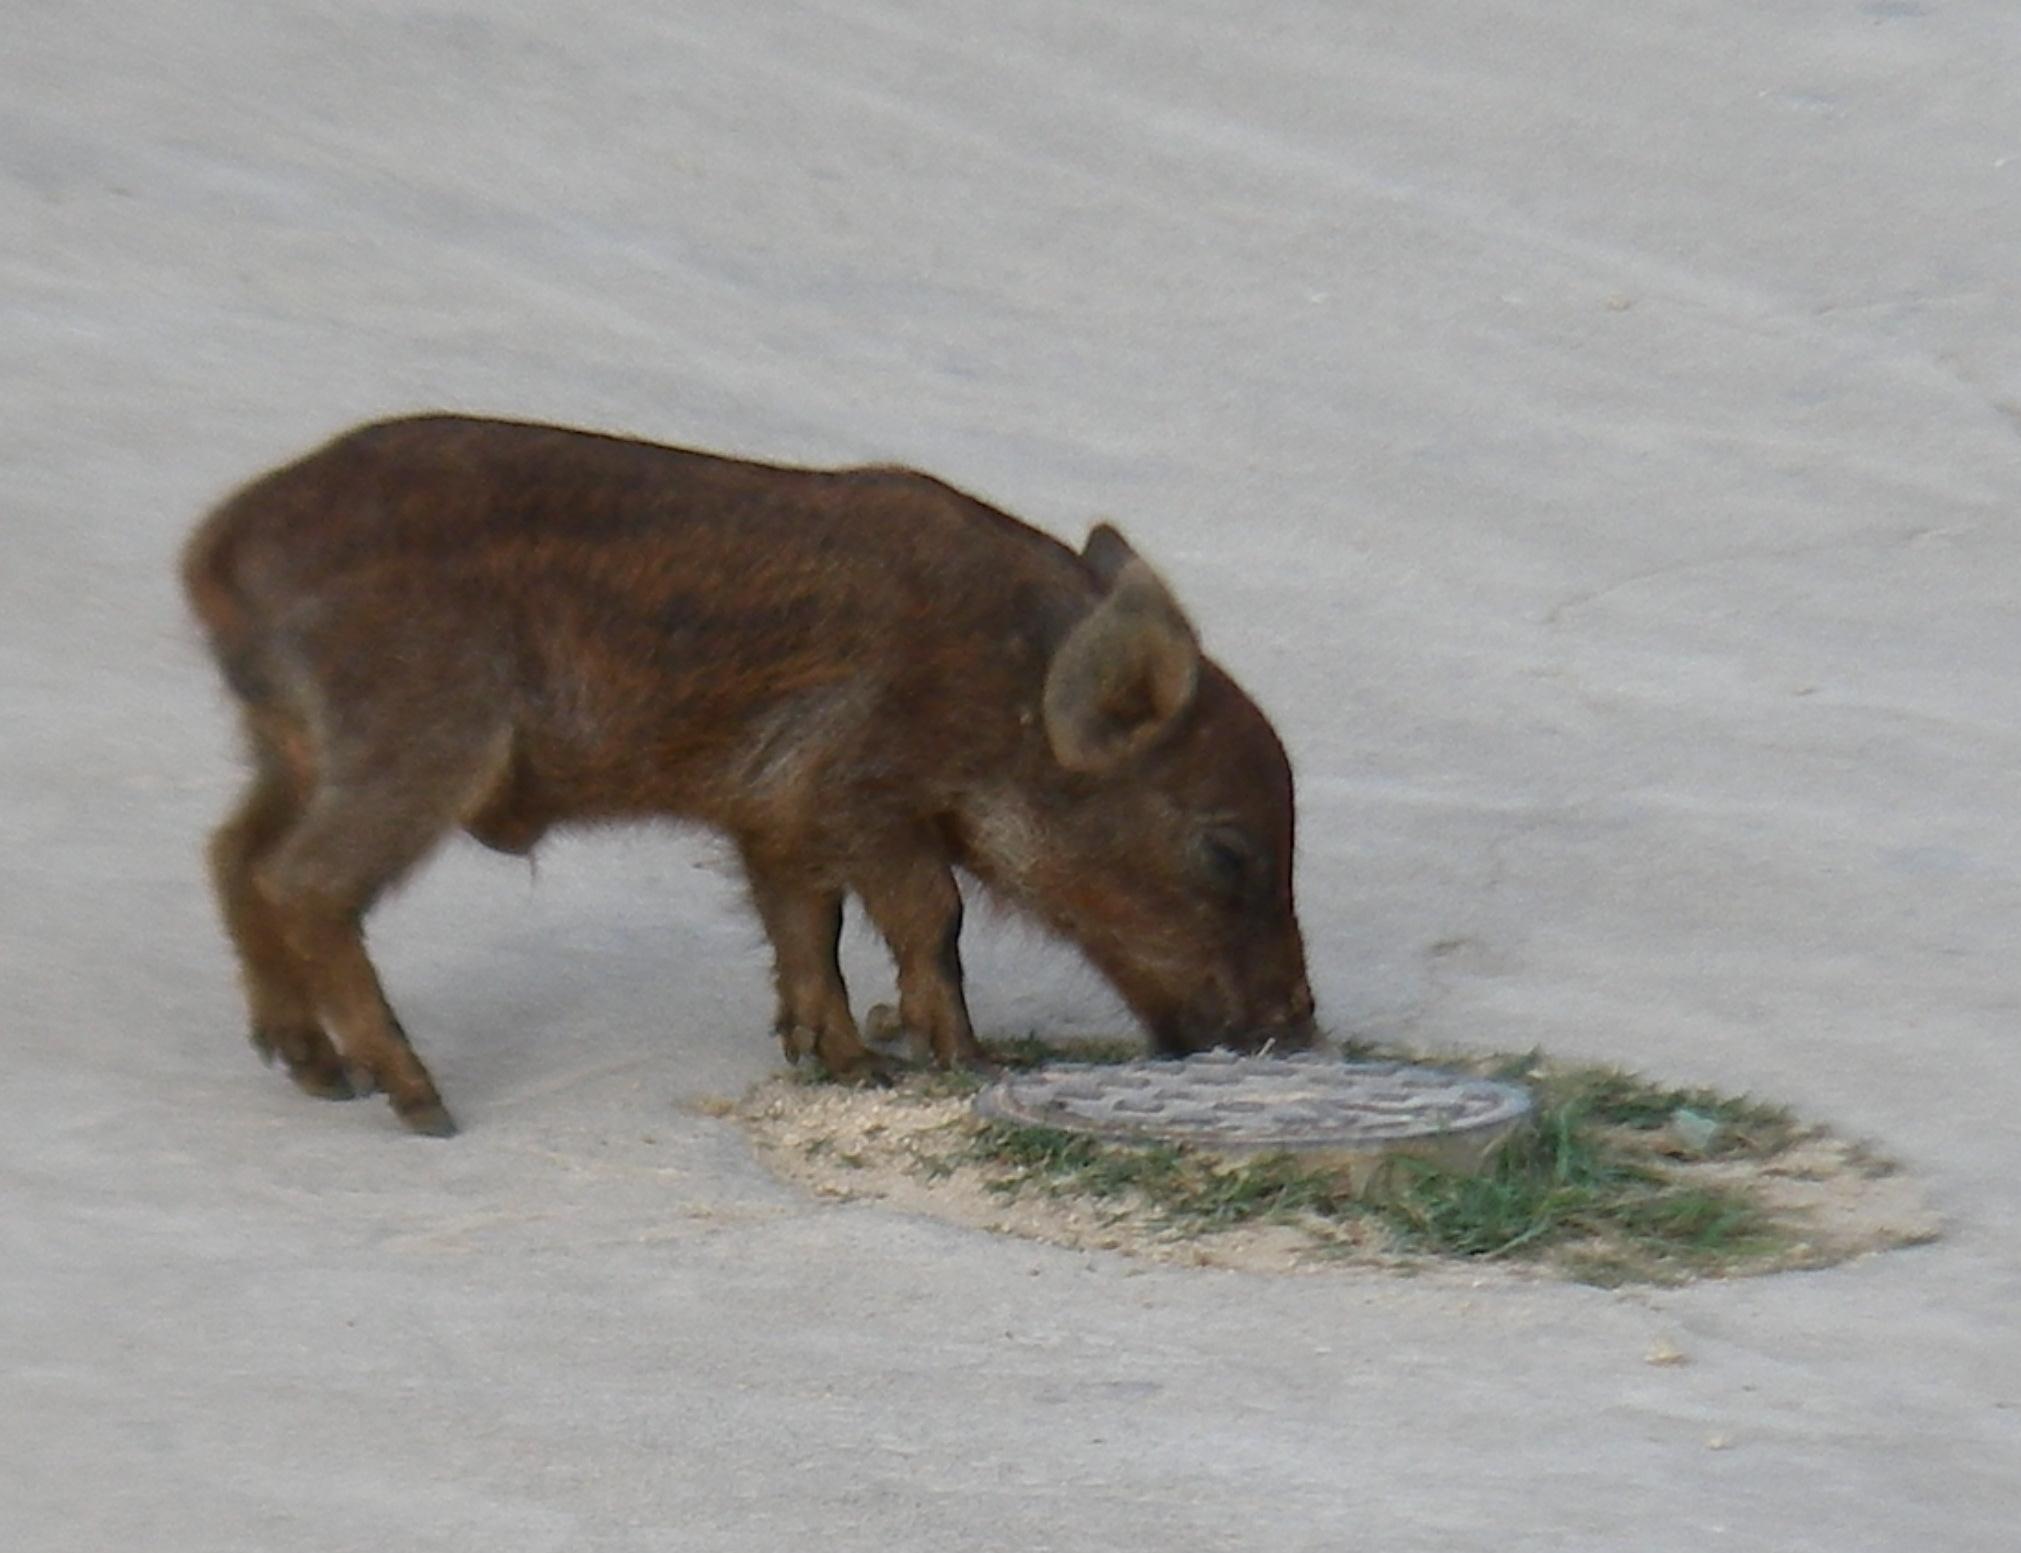 70. A cute Tongan piglet